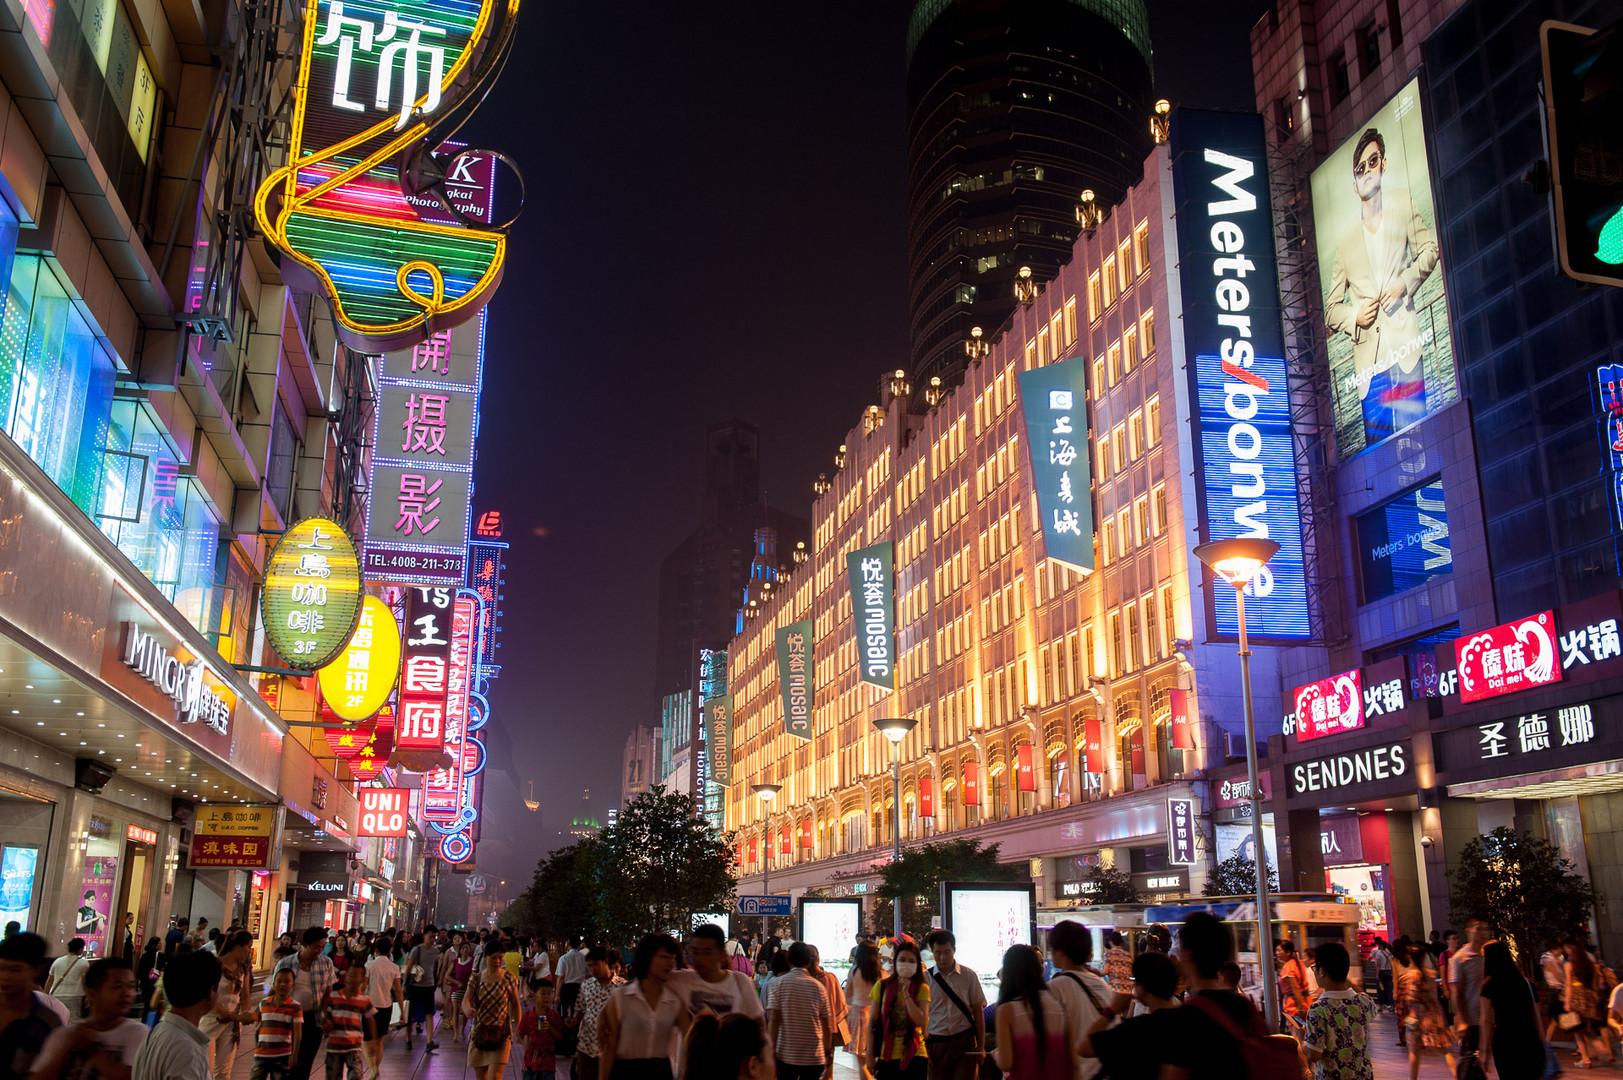 Shanghai - Nanjing Road 2